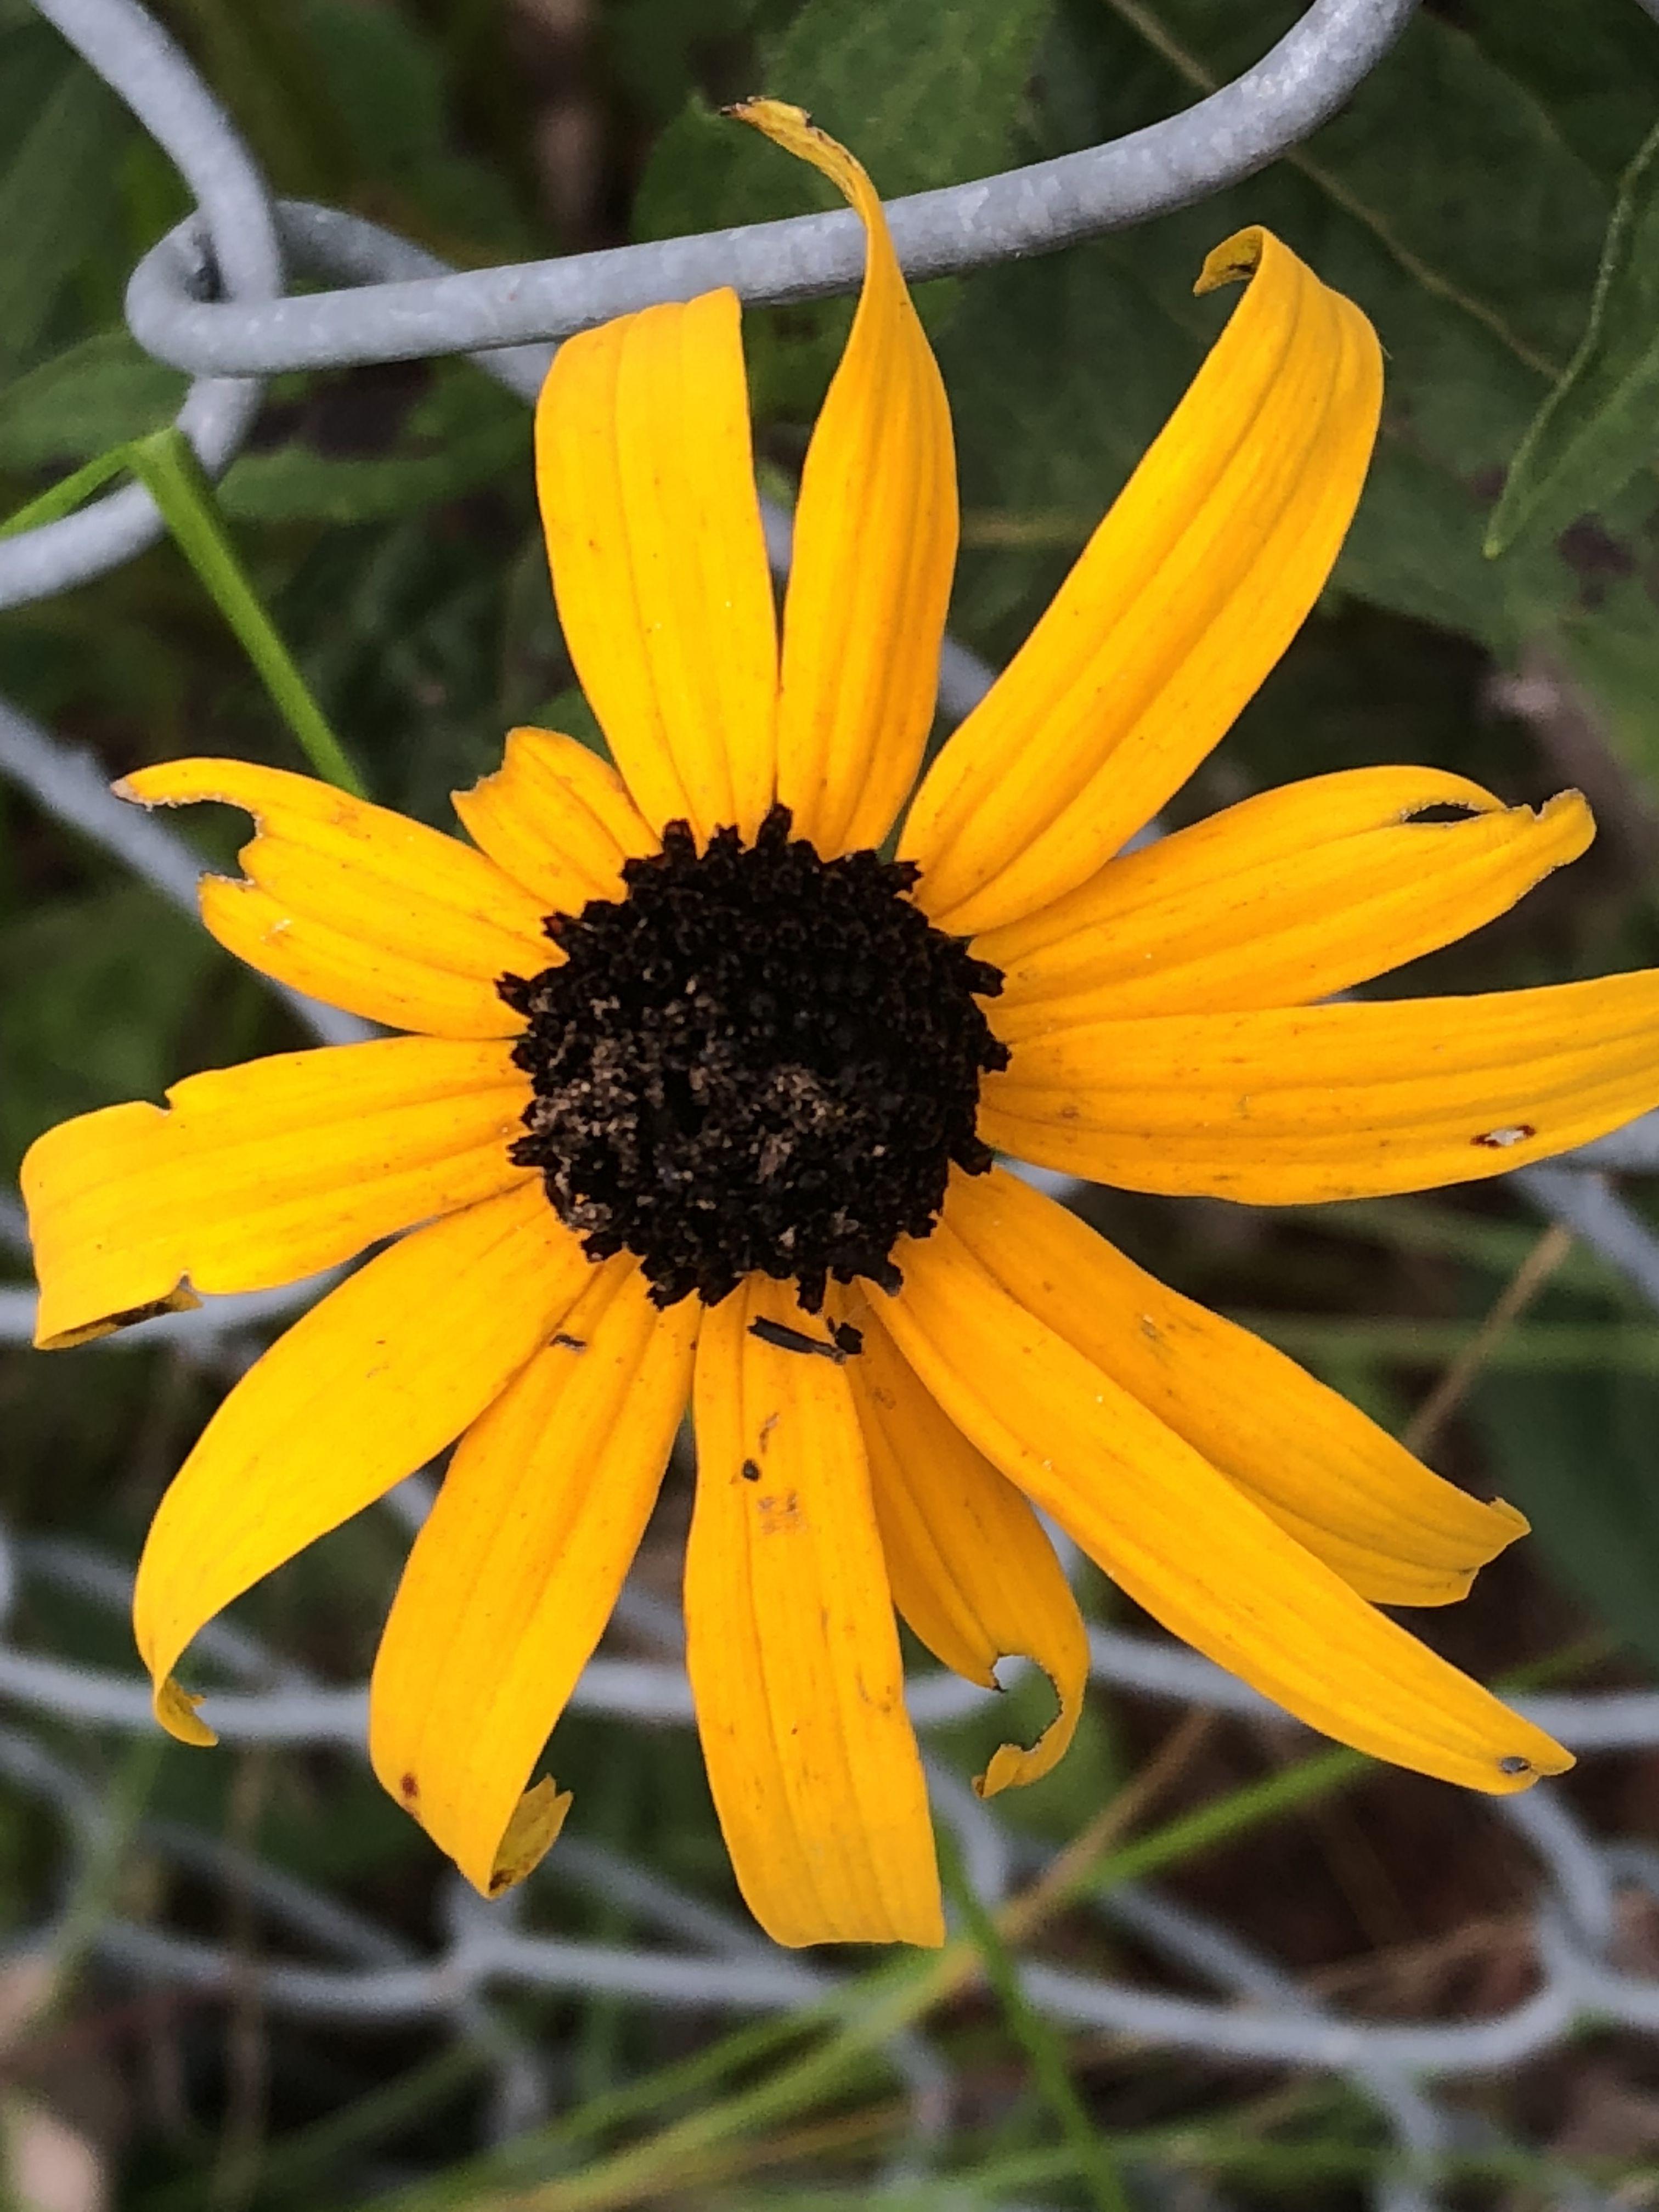 Pin By Gail Wilson On Perennials Pinterest Yellow Daisy Flower